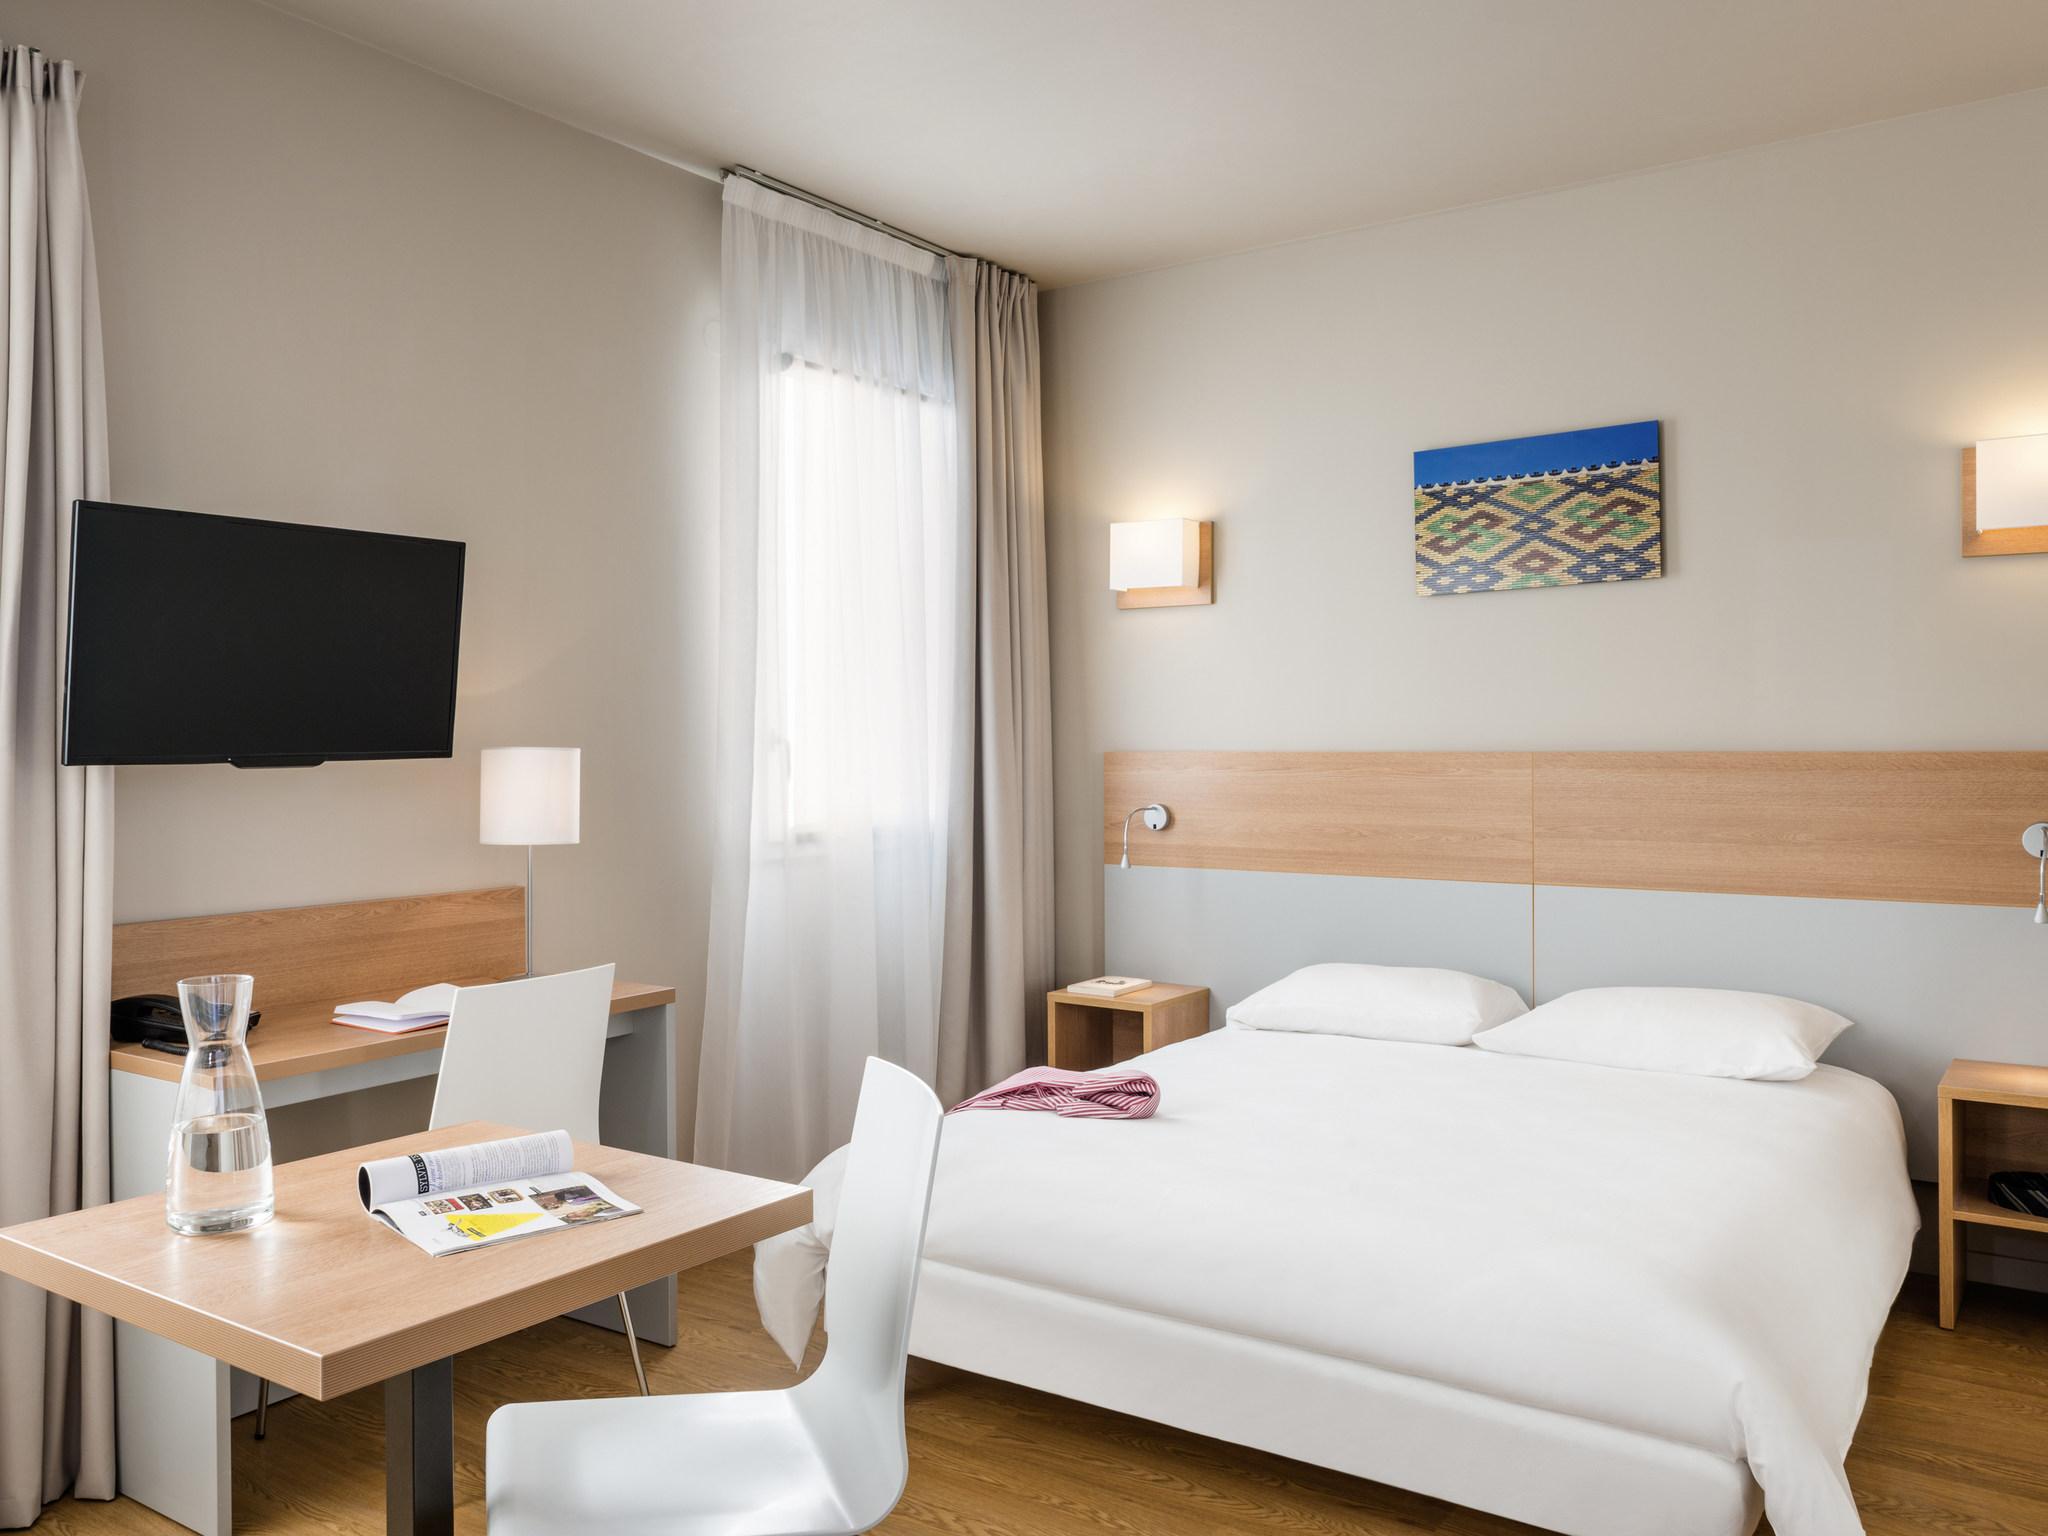 Hotel - Aparthotel Adagio access Dijon République